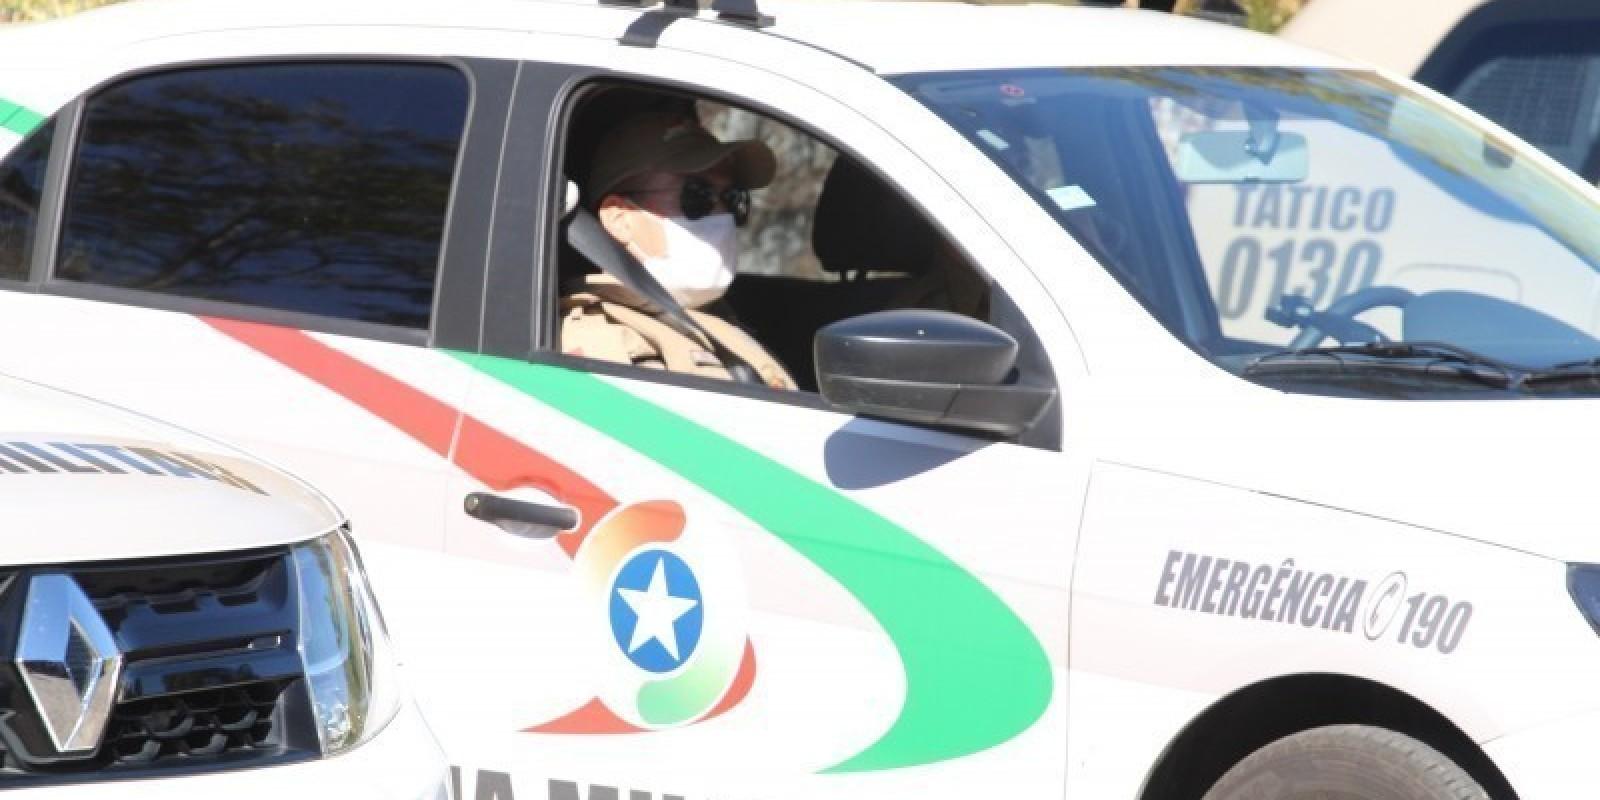 Homens armados tentam roubar carro, mas motorista consegue fugir